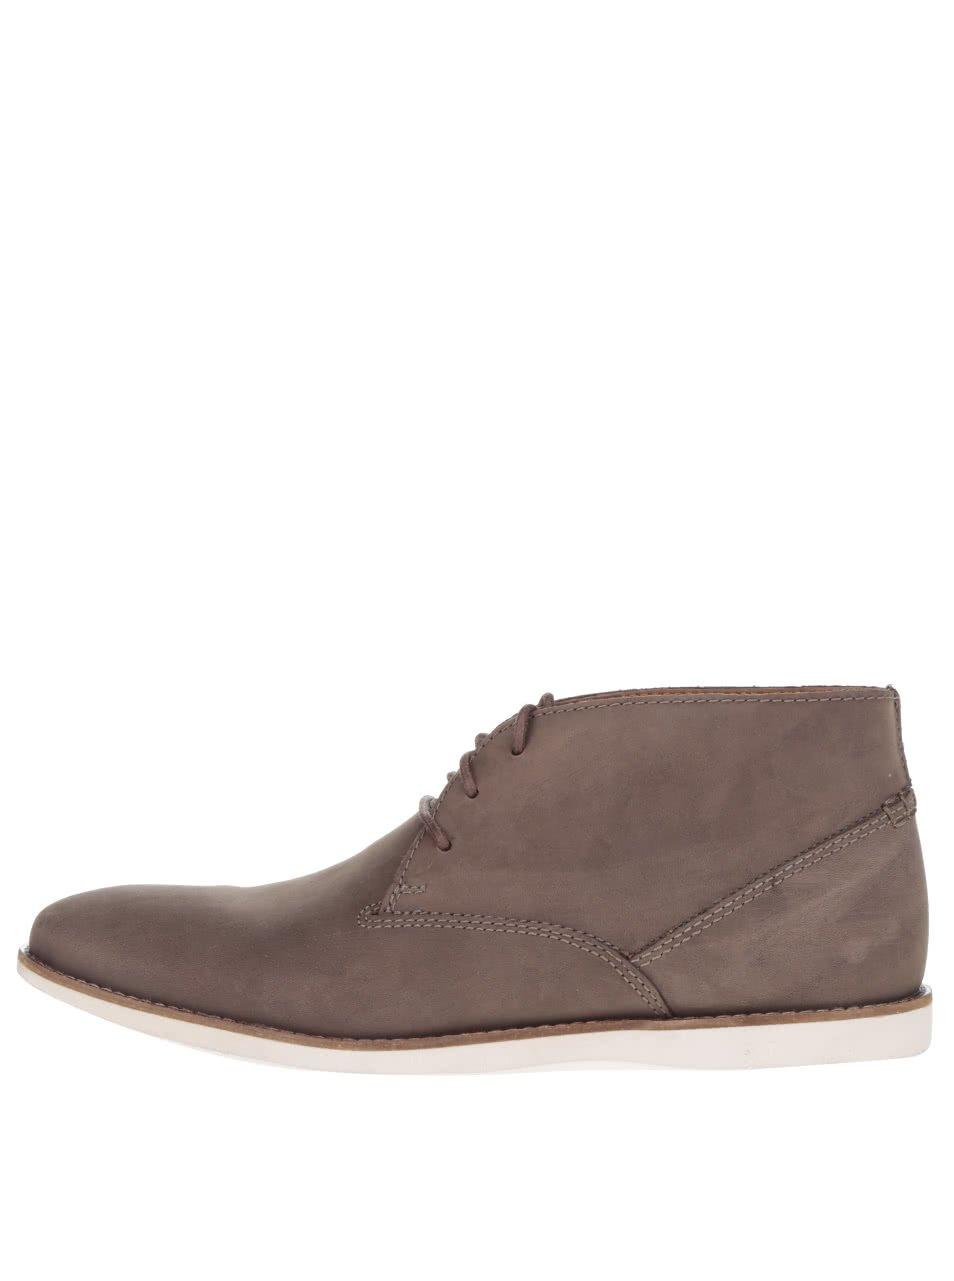 Hnědé pánské semišové kotníkové boty Clarks Franson Top